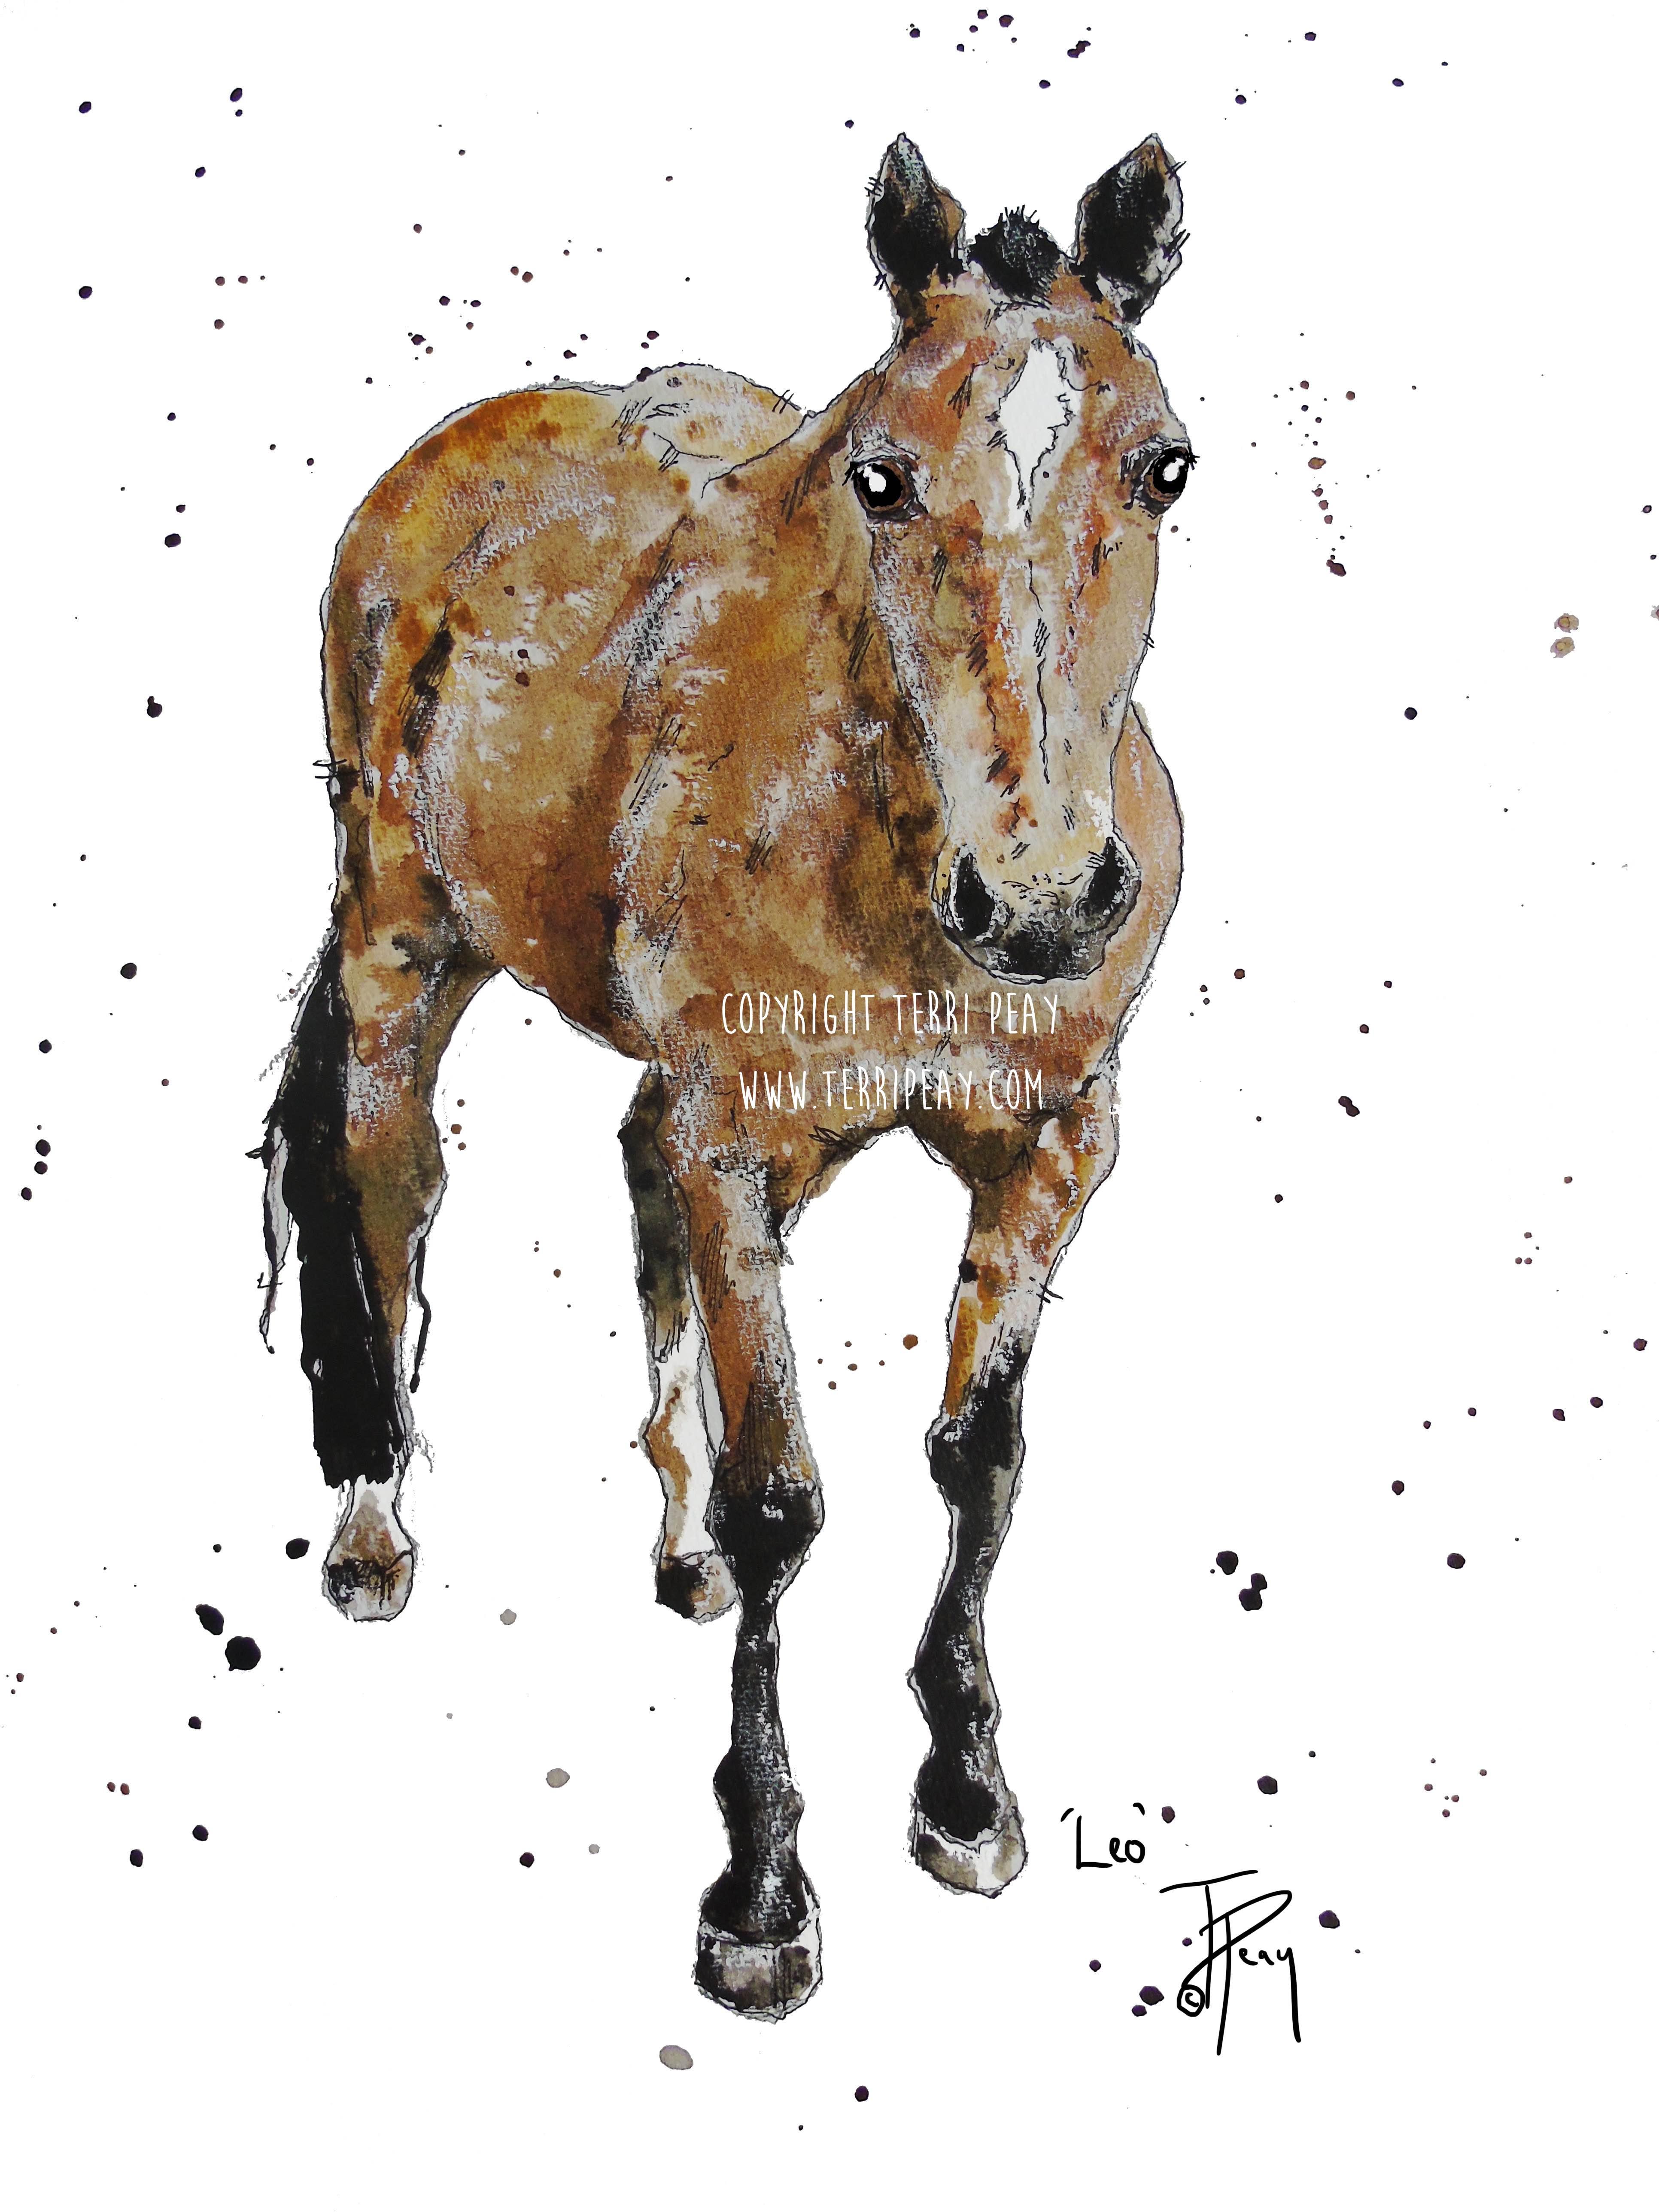 'Leo, Horse' By Terri Peay